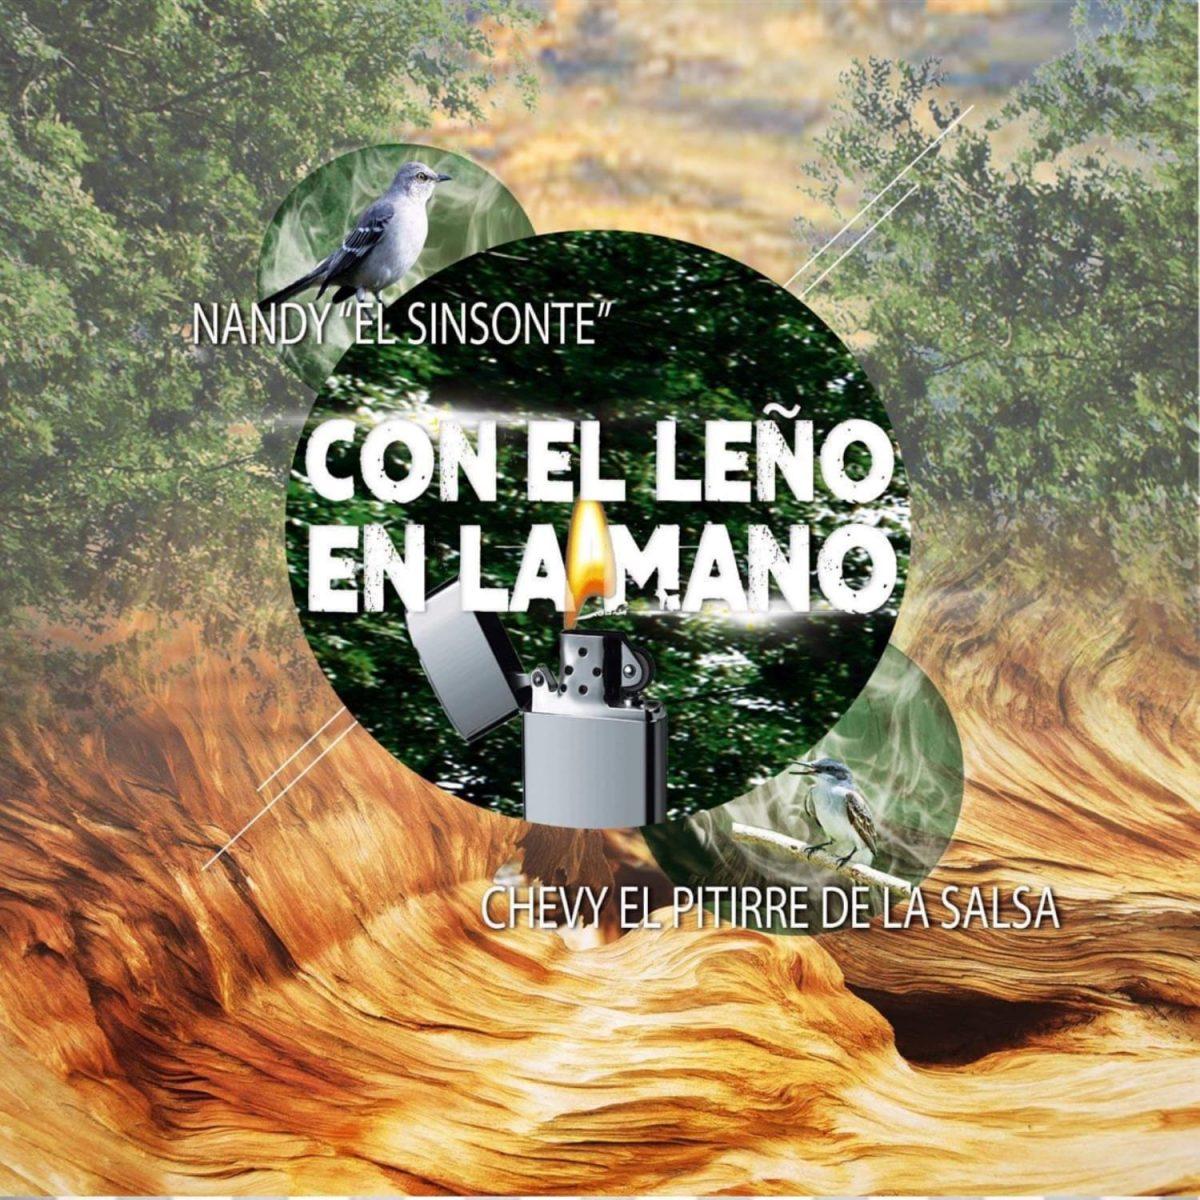 CON EL LEÑO EN LA MANO – Chevy El Pitirre De La Salsa feat Nandy El Sinsonte